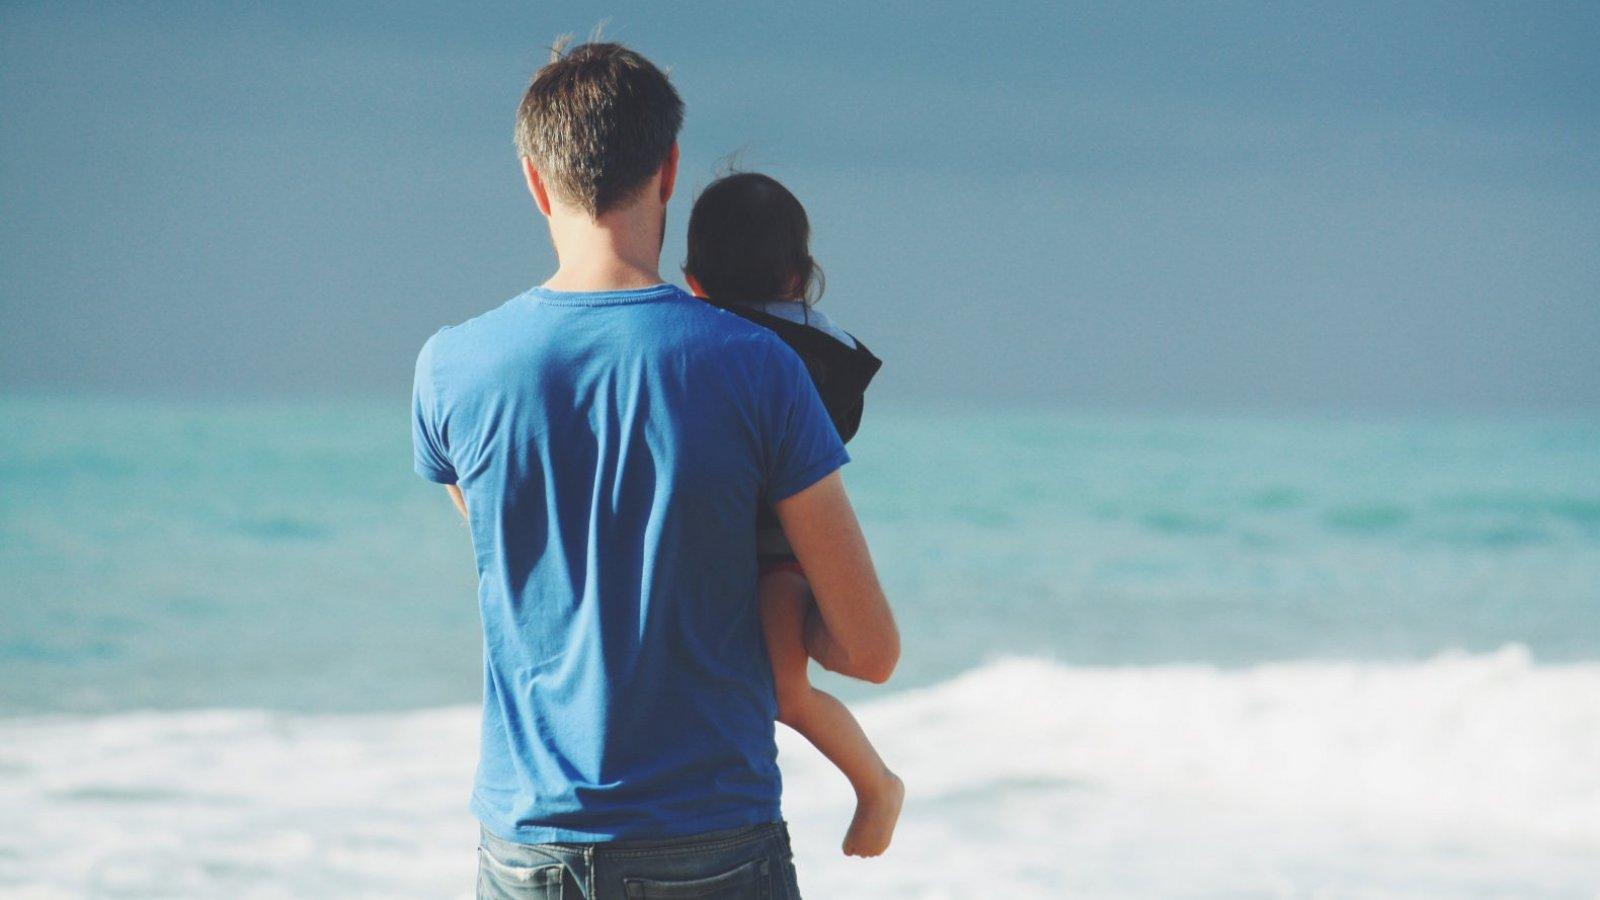 Estos mensajes cortos y bonitos sobre padres expresan su importancia.